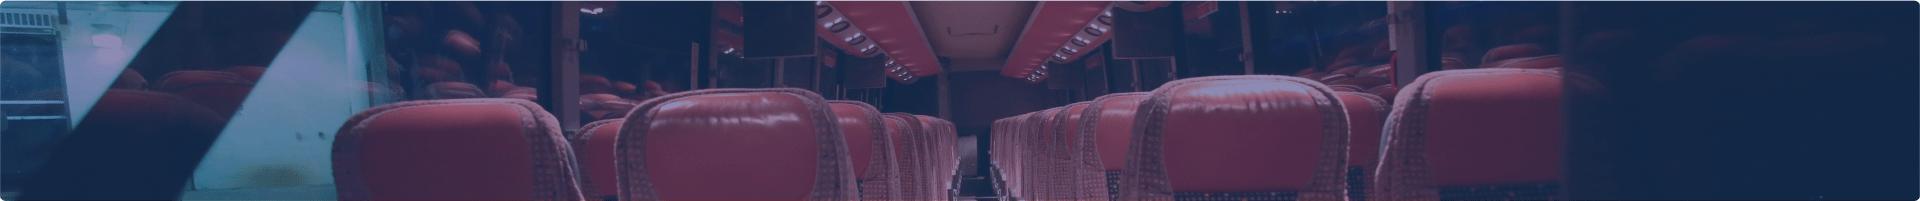 バスのご紹介